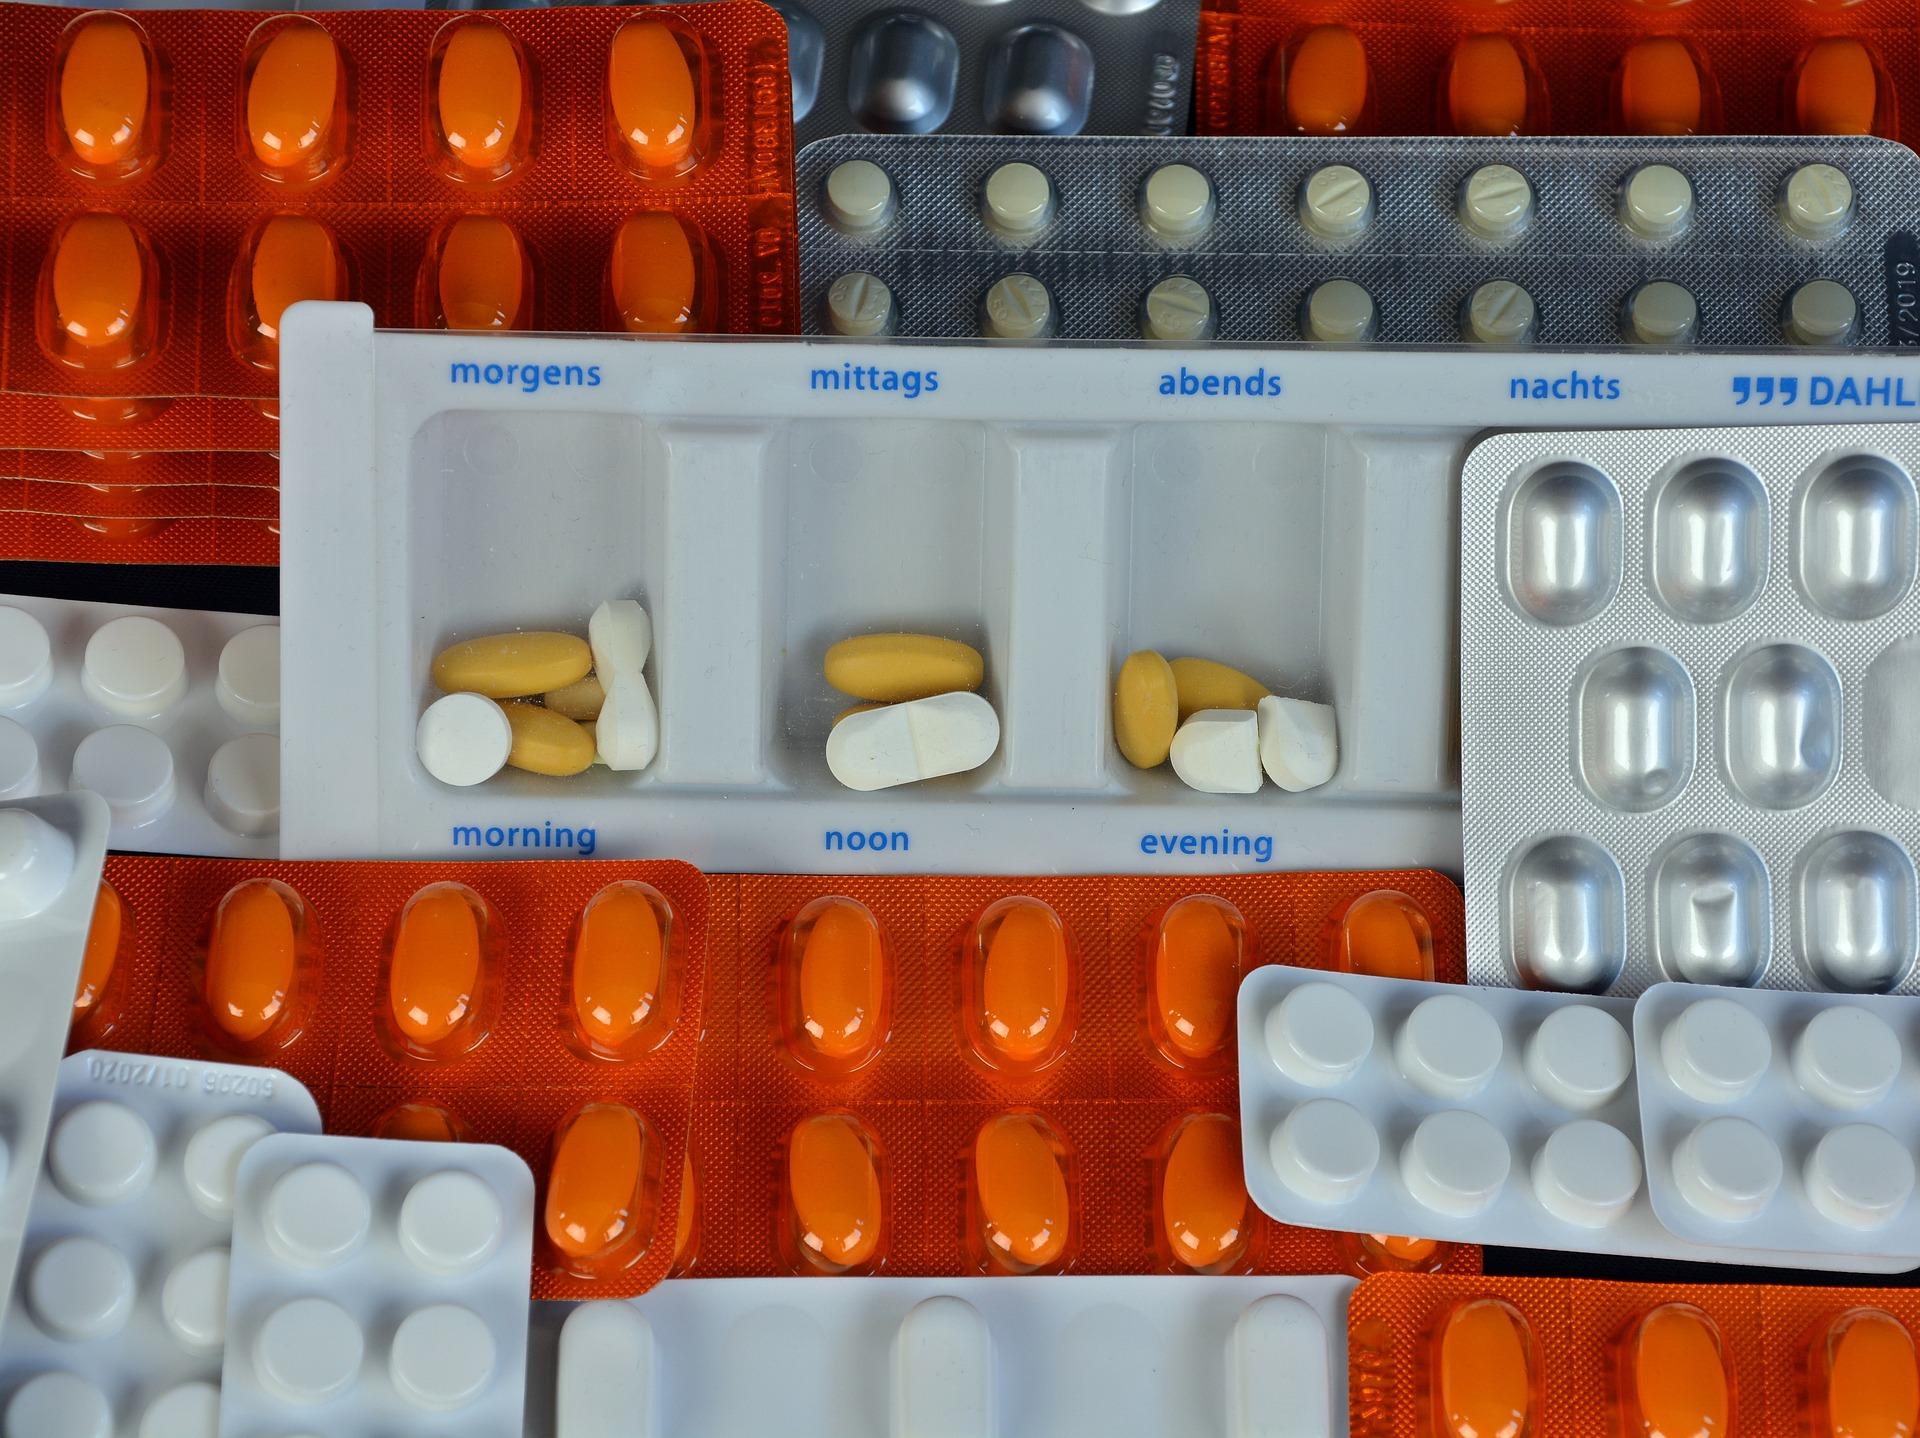 Bayer ist einer der bekanntesten deutschen Pharma- und Chemiekonzerne